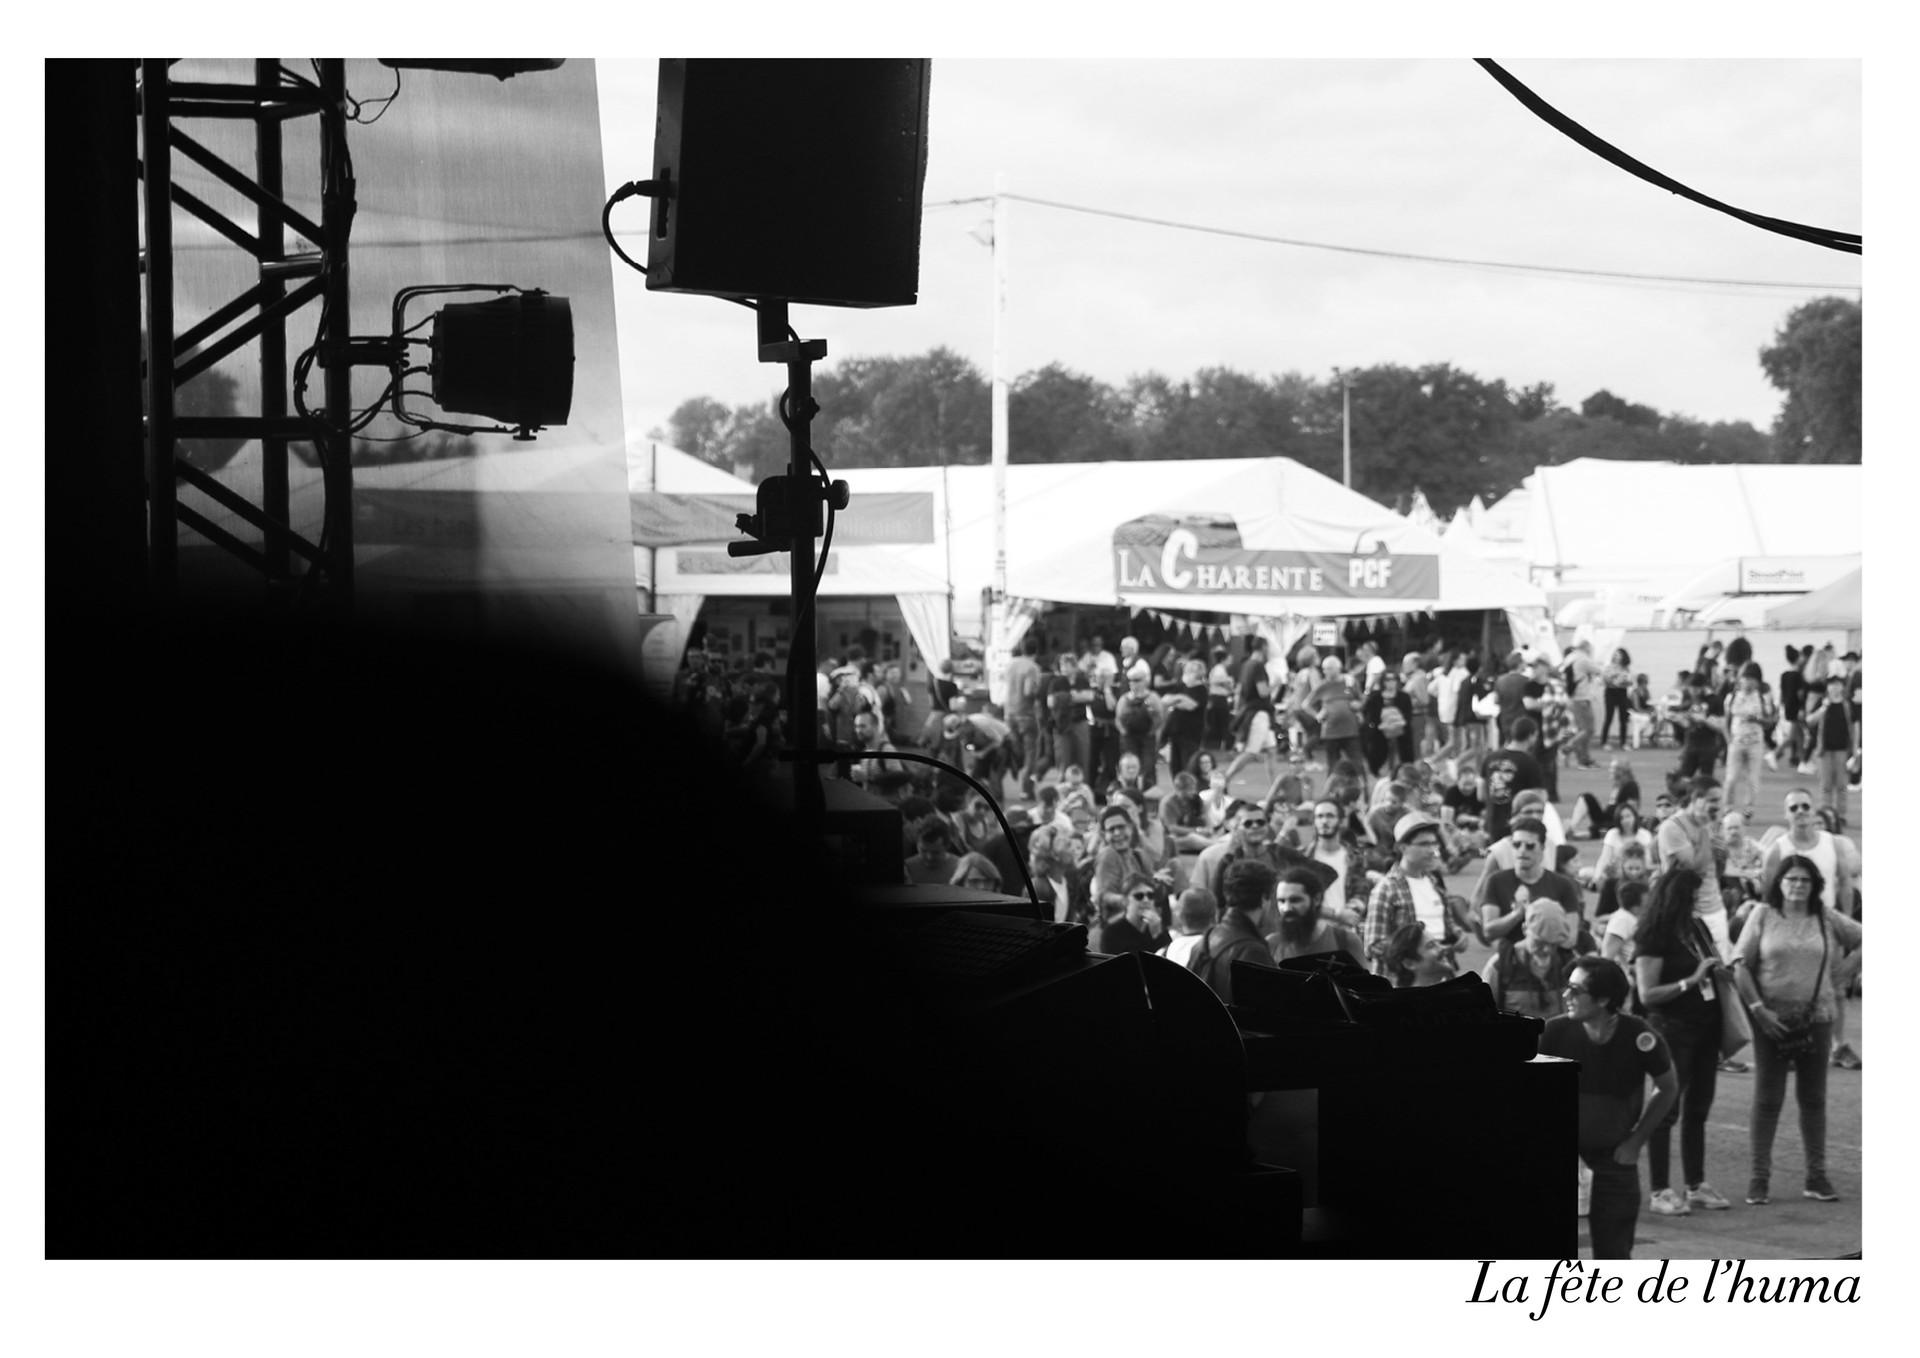 Faces - Des concerts pop17.jpg